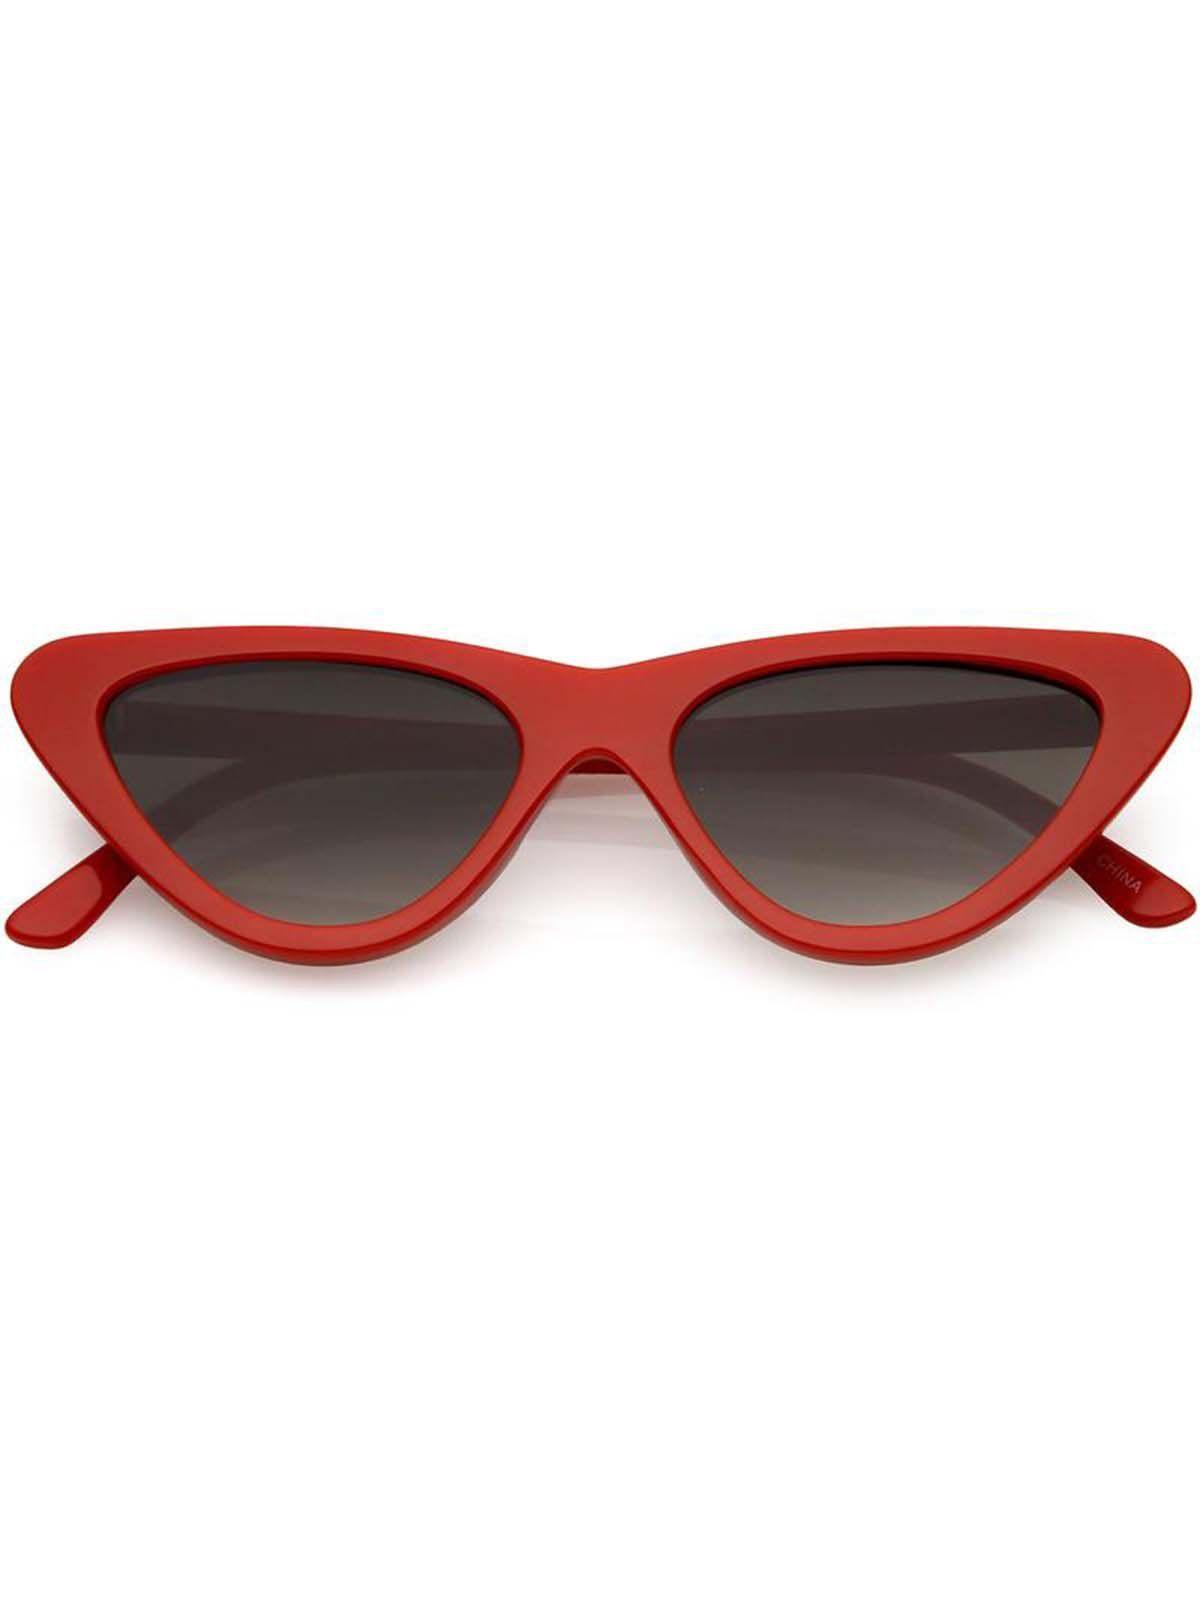 ee72e301c8920 Óculos Cat Eye 77 Vermelho     Os óculos vintage que toda fashion girl  precisa ter.